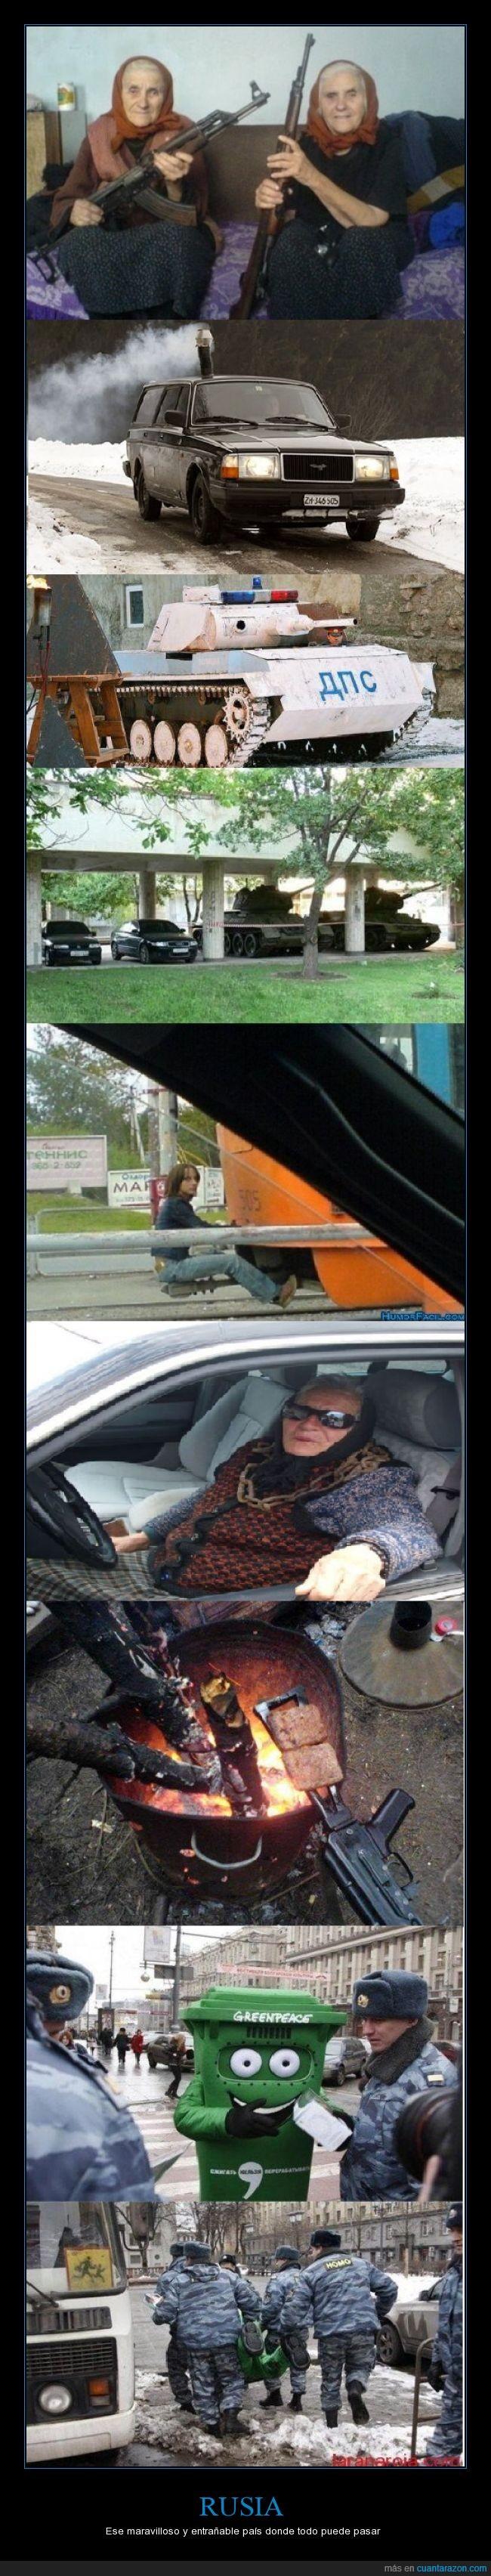 Ancianas Canis,arma,fuego,Greenpeace,las gemelas del resplandor se volvieron rusas y armadas,papelera,pistola,Putin,Rusia,rusos,WTF